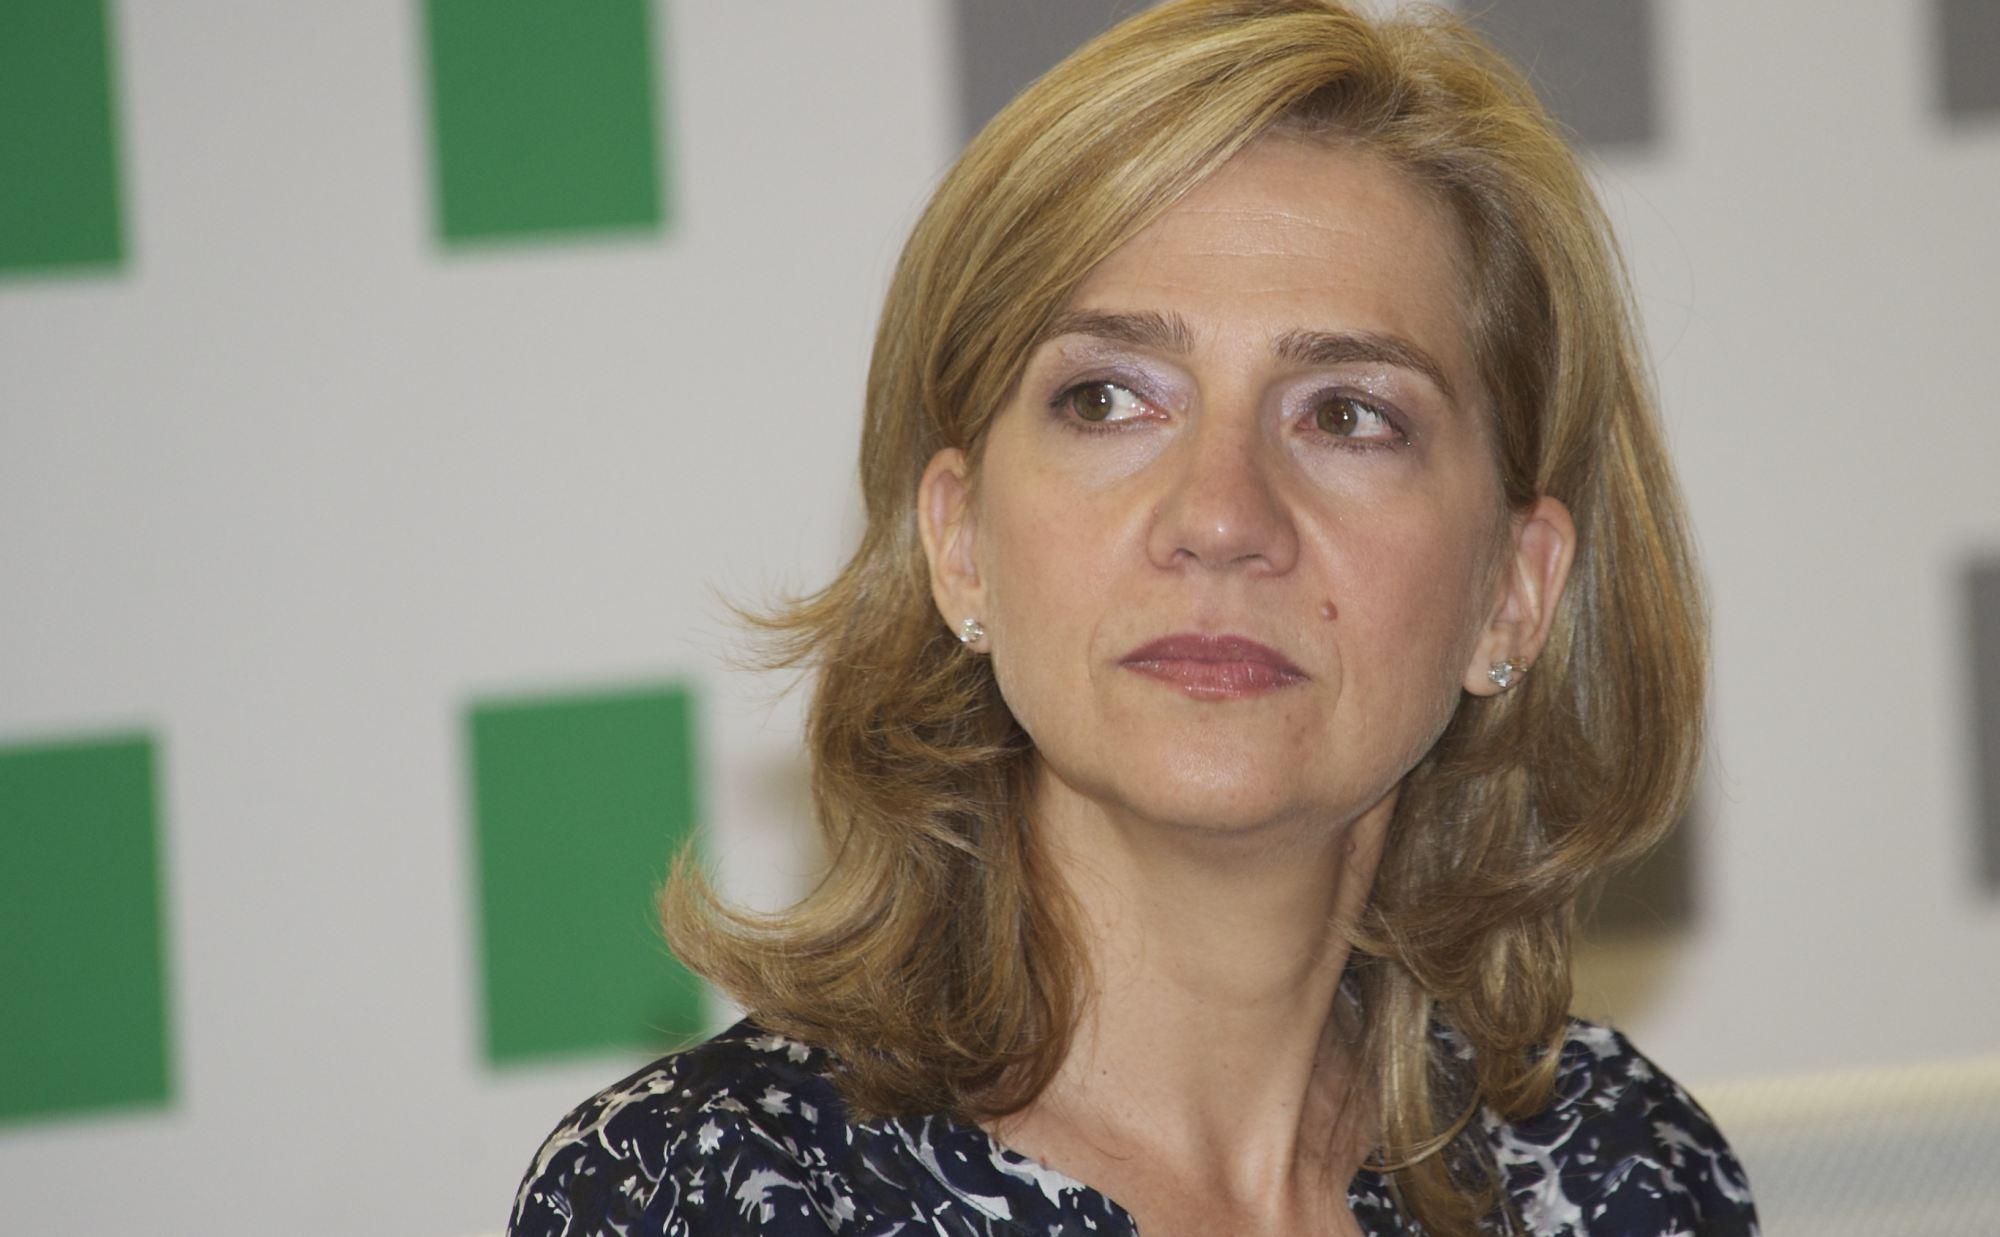 Juez impone a la Infanta 2,6 millones de euros como responsabilidad económica